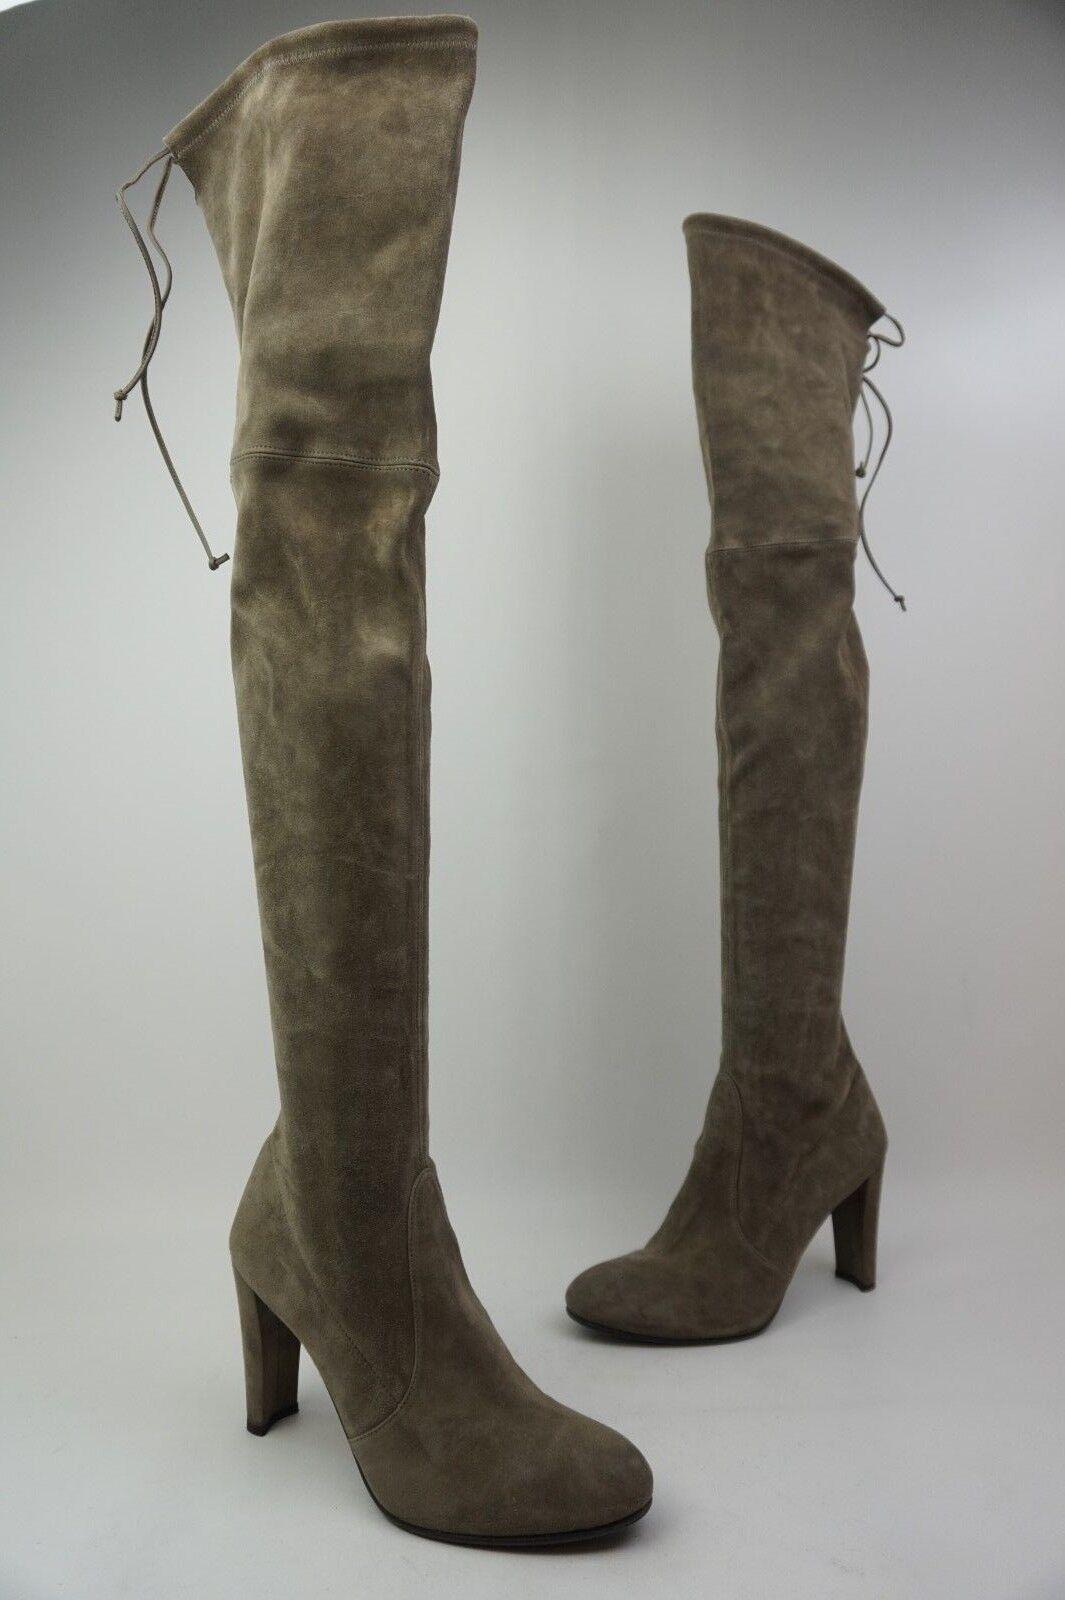 Stuart Weitzman Hochland Overknee Praline Grau Wildleder Stiefel Größe 40  | Flagship-Store